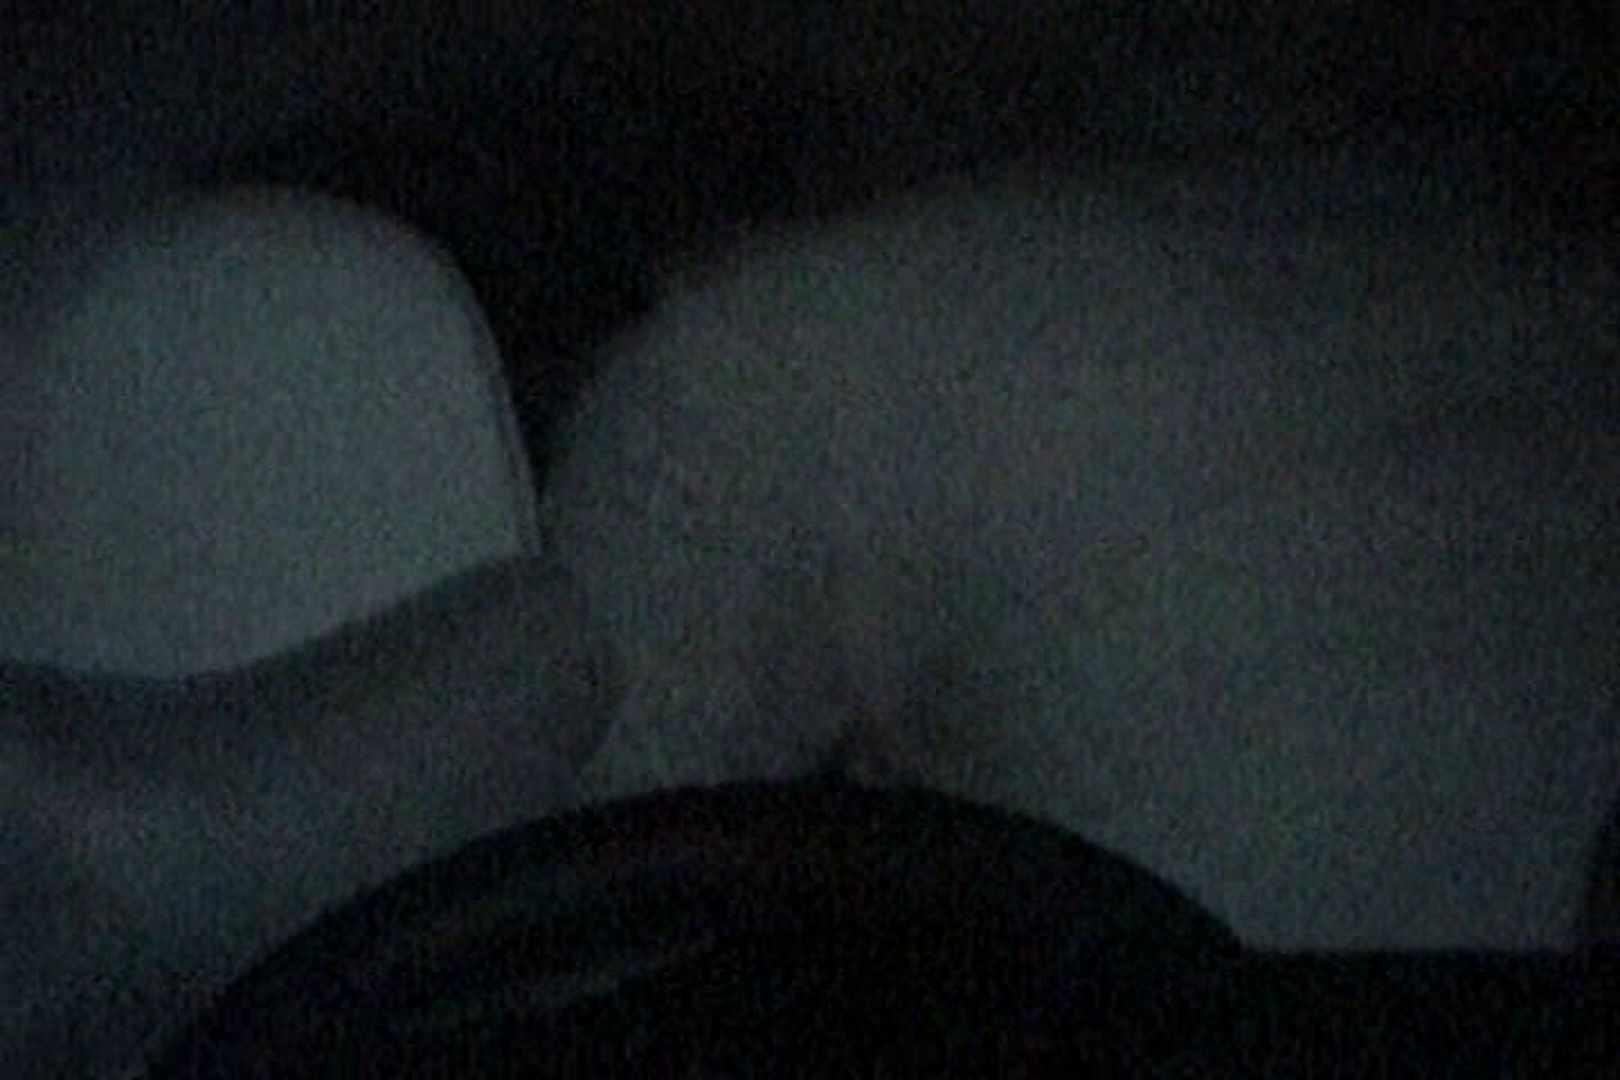 充血監督の深夜の運動会Vol.160 おまんこ ヌード画像 83pic 47